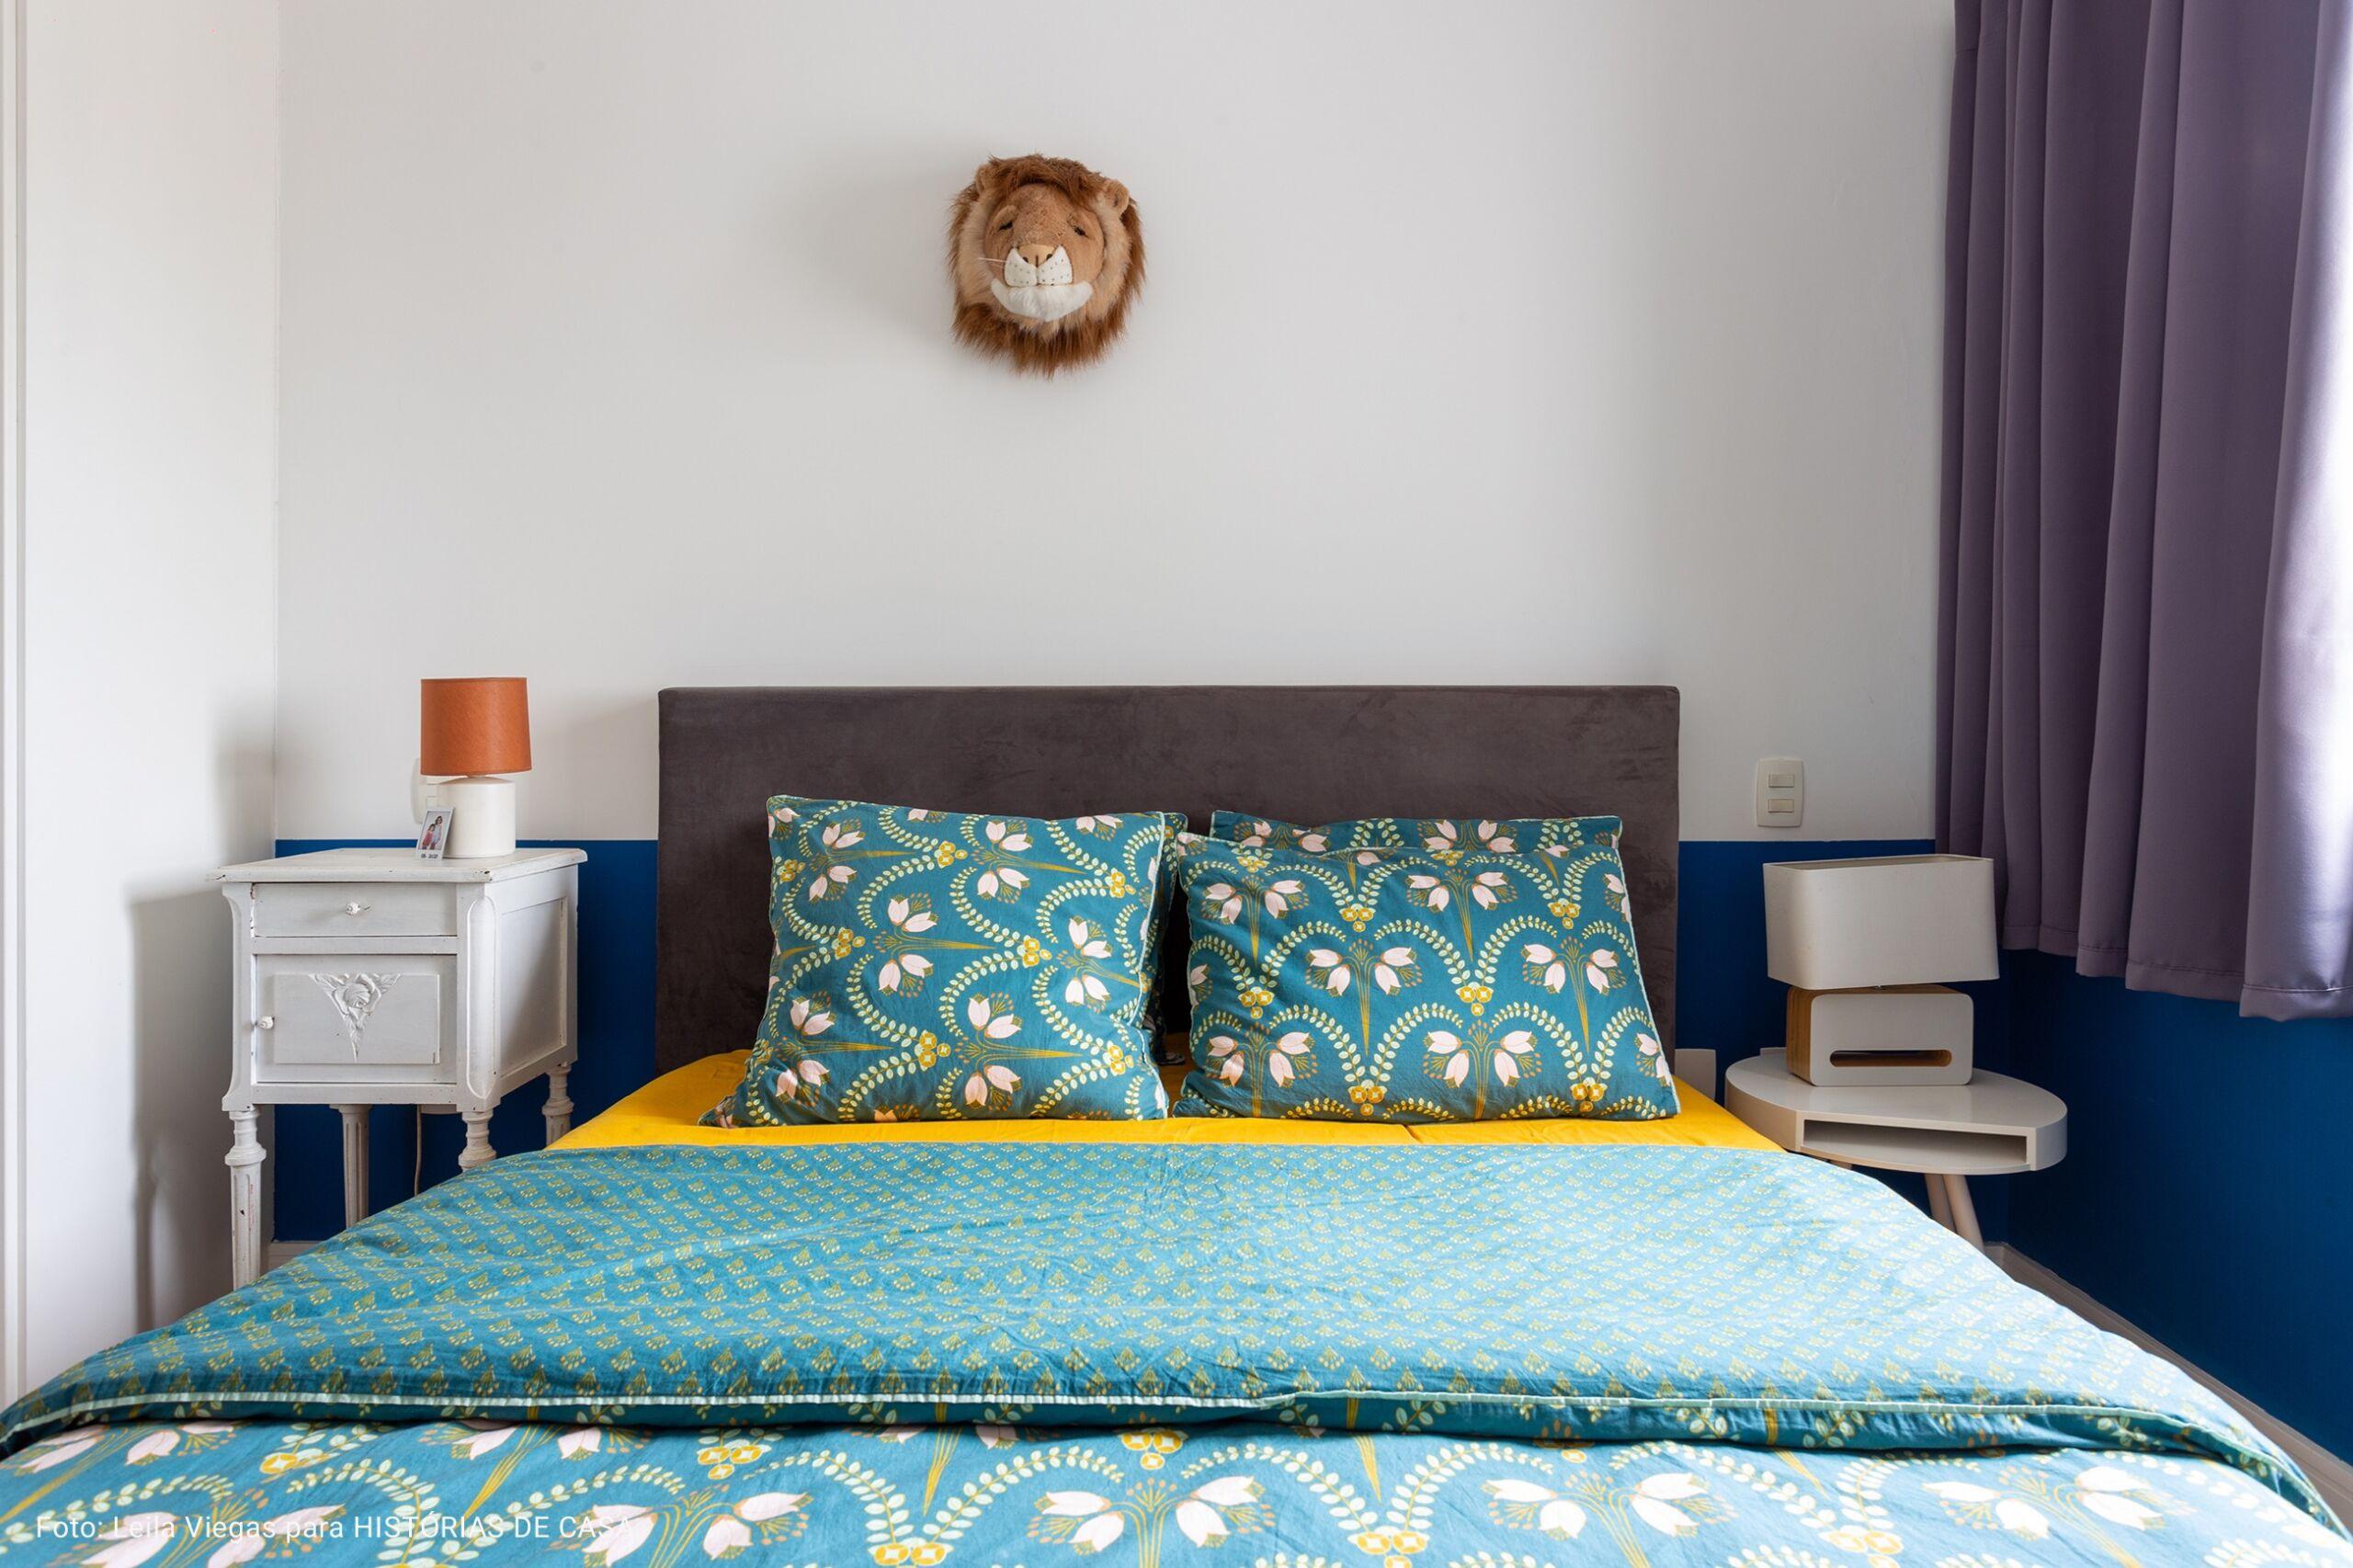 quarto com roupa de cama bordada